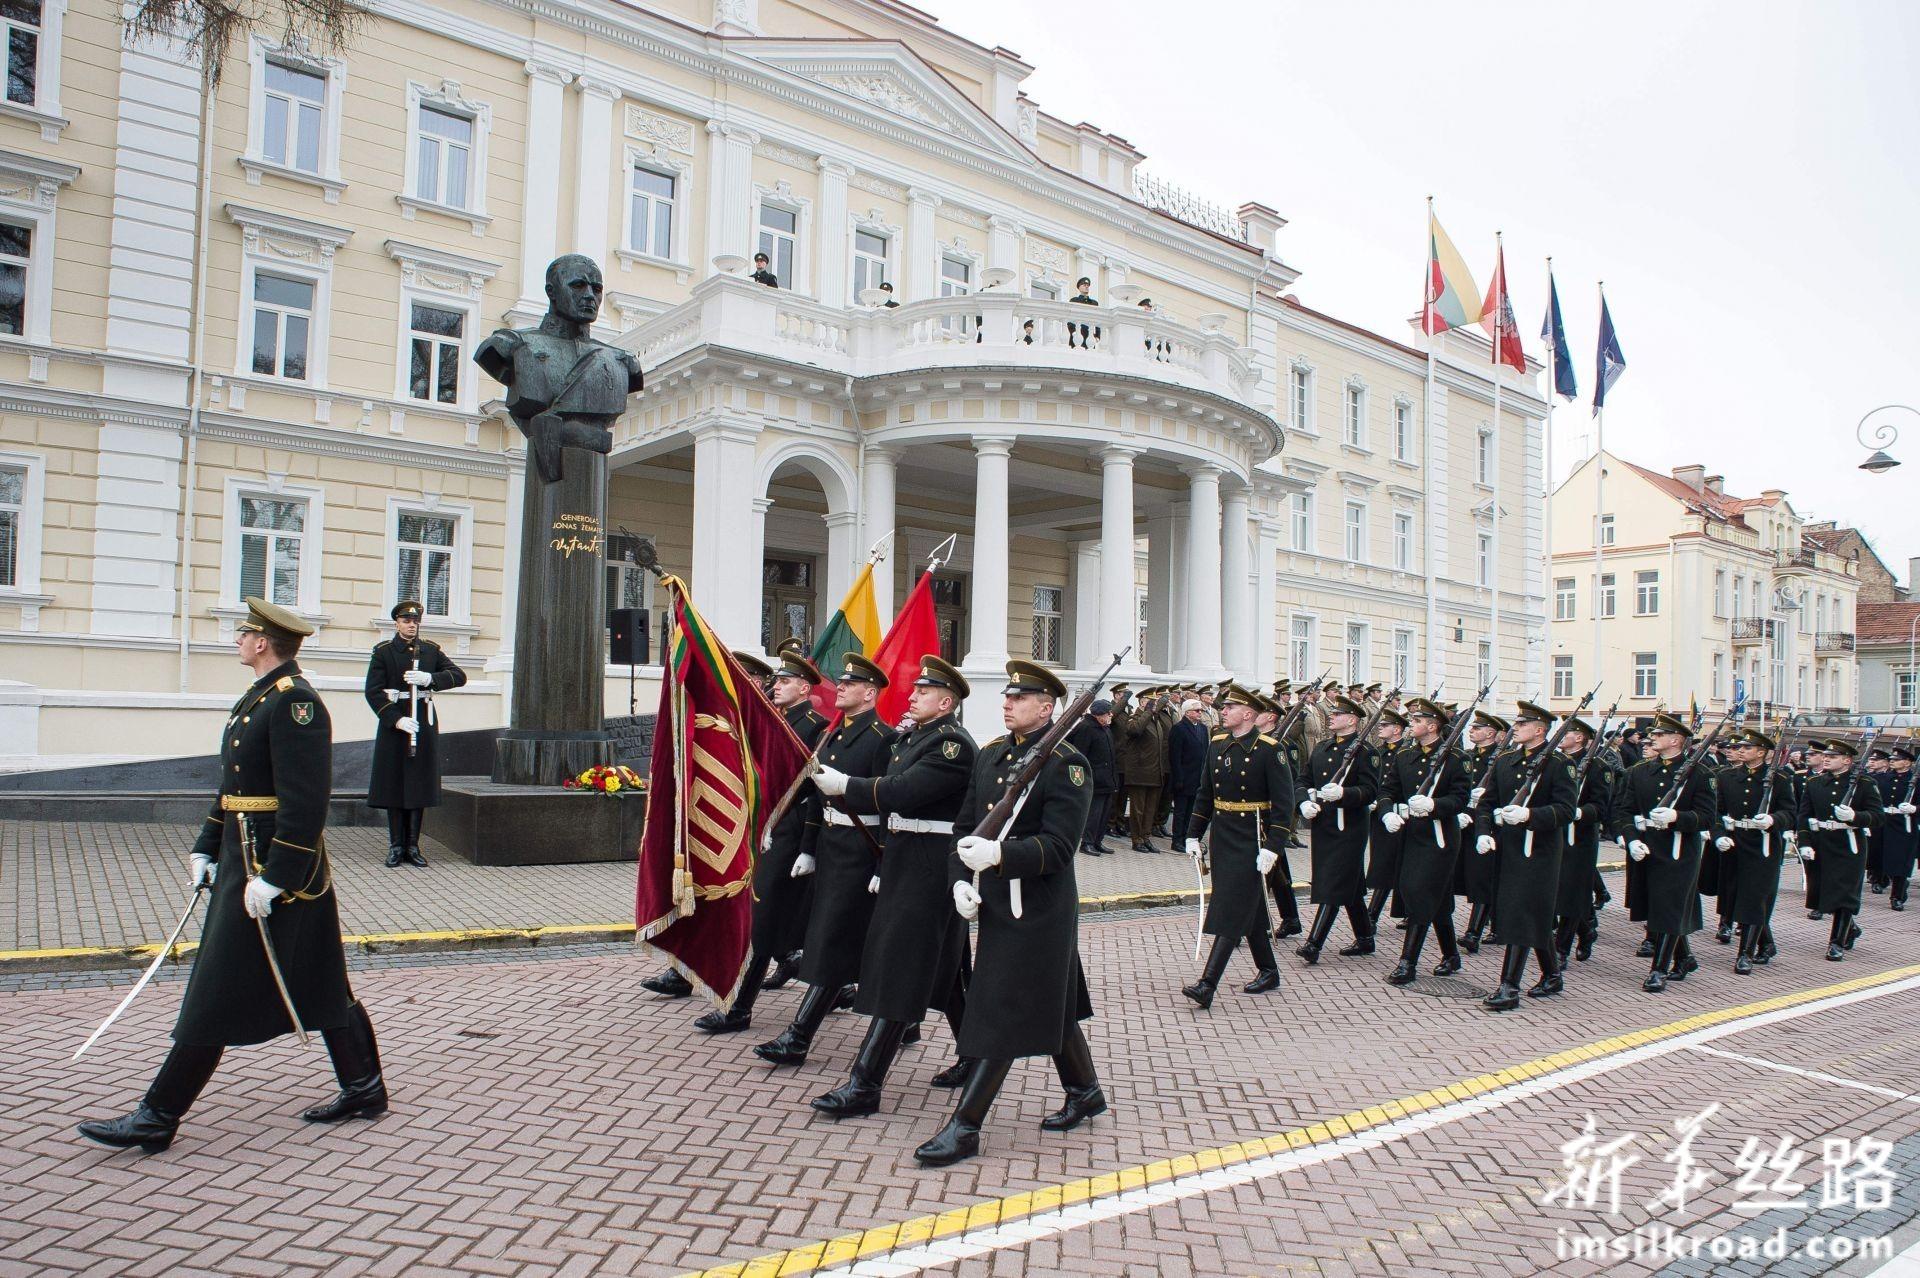 2月16日,在立陶宛首都维尔纽斯,仪仗队参加独立日庆祝活动。新华社发(阿尔弗雷达斯·普里亚迪斯摄)